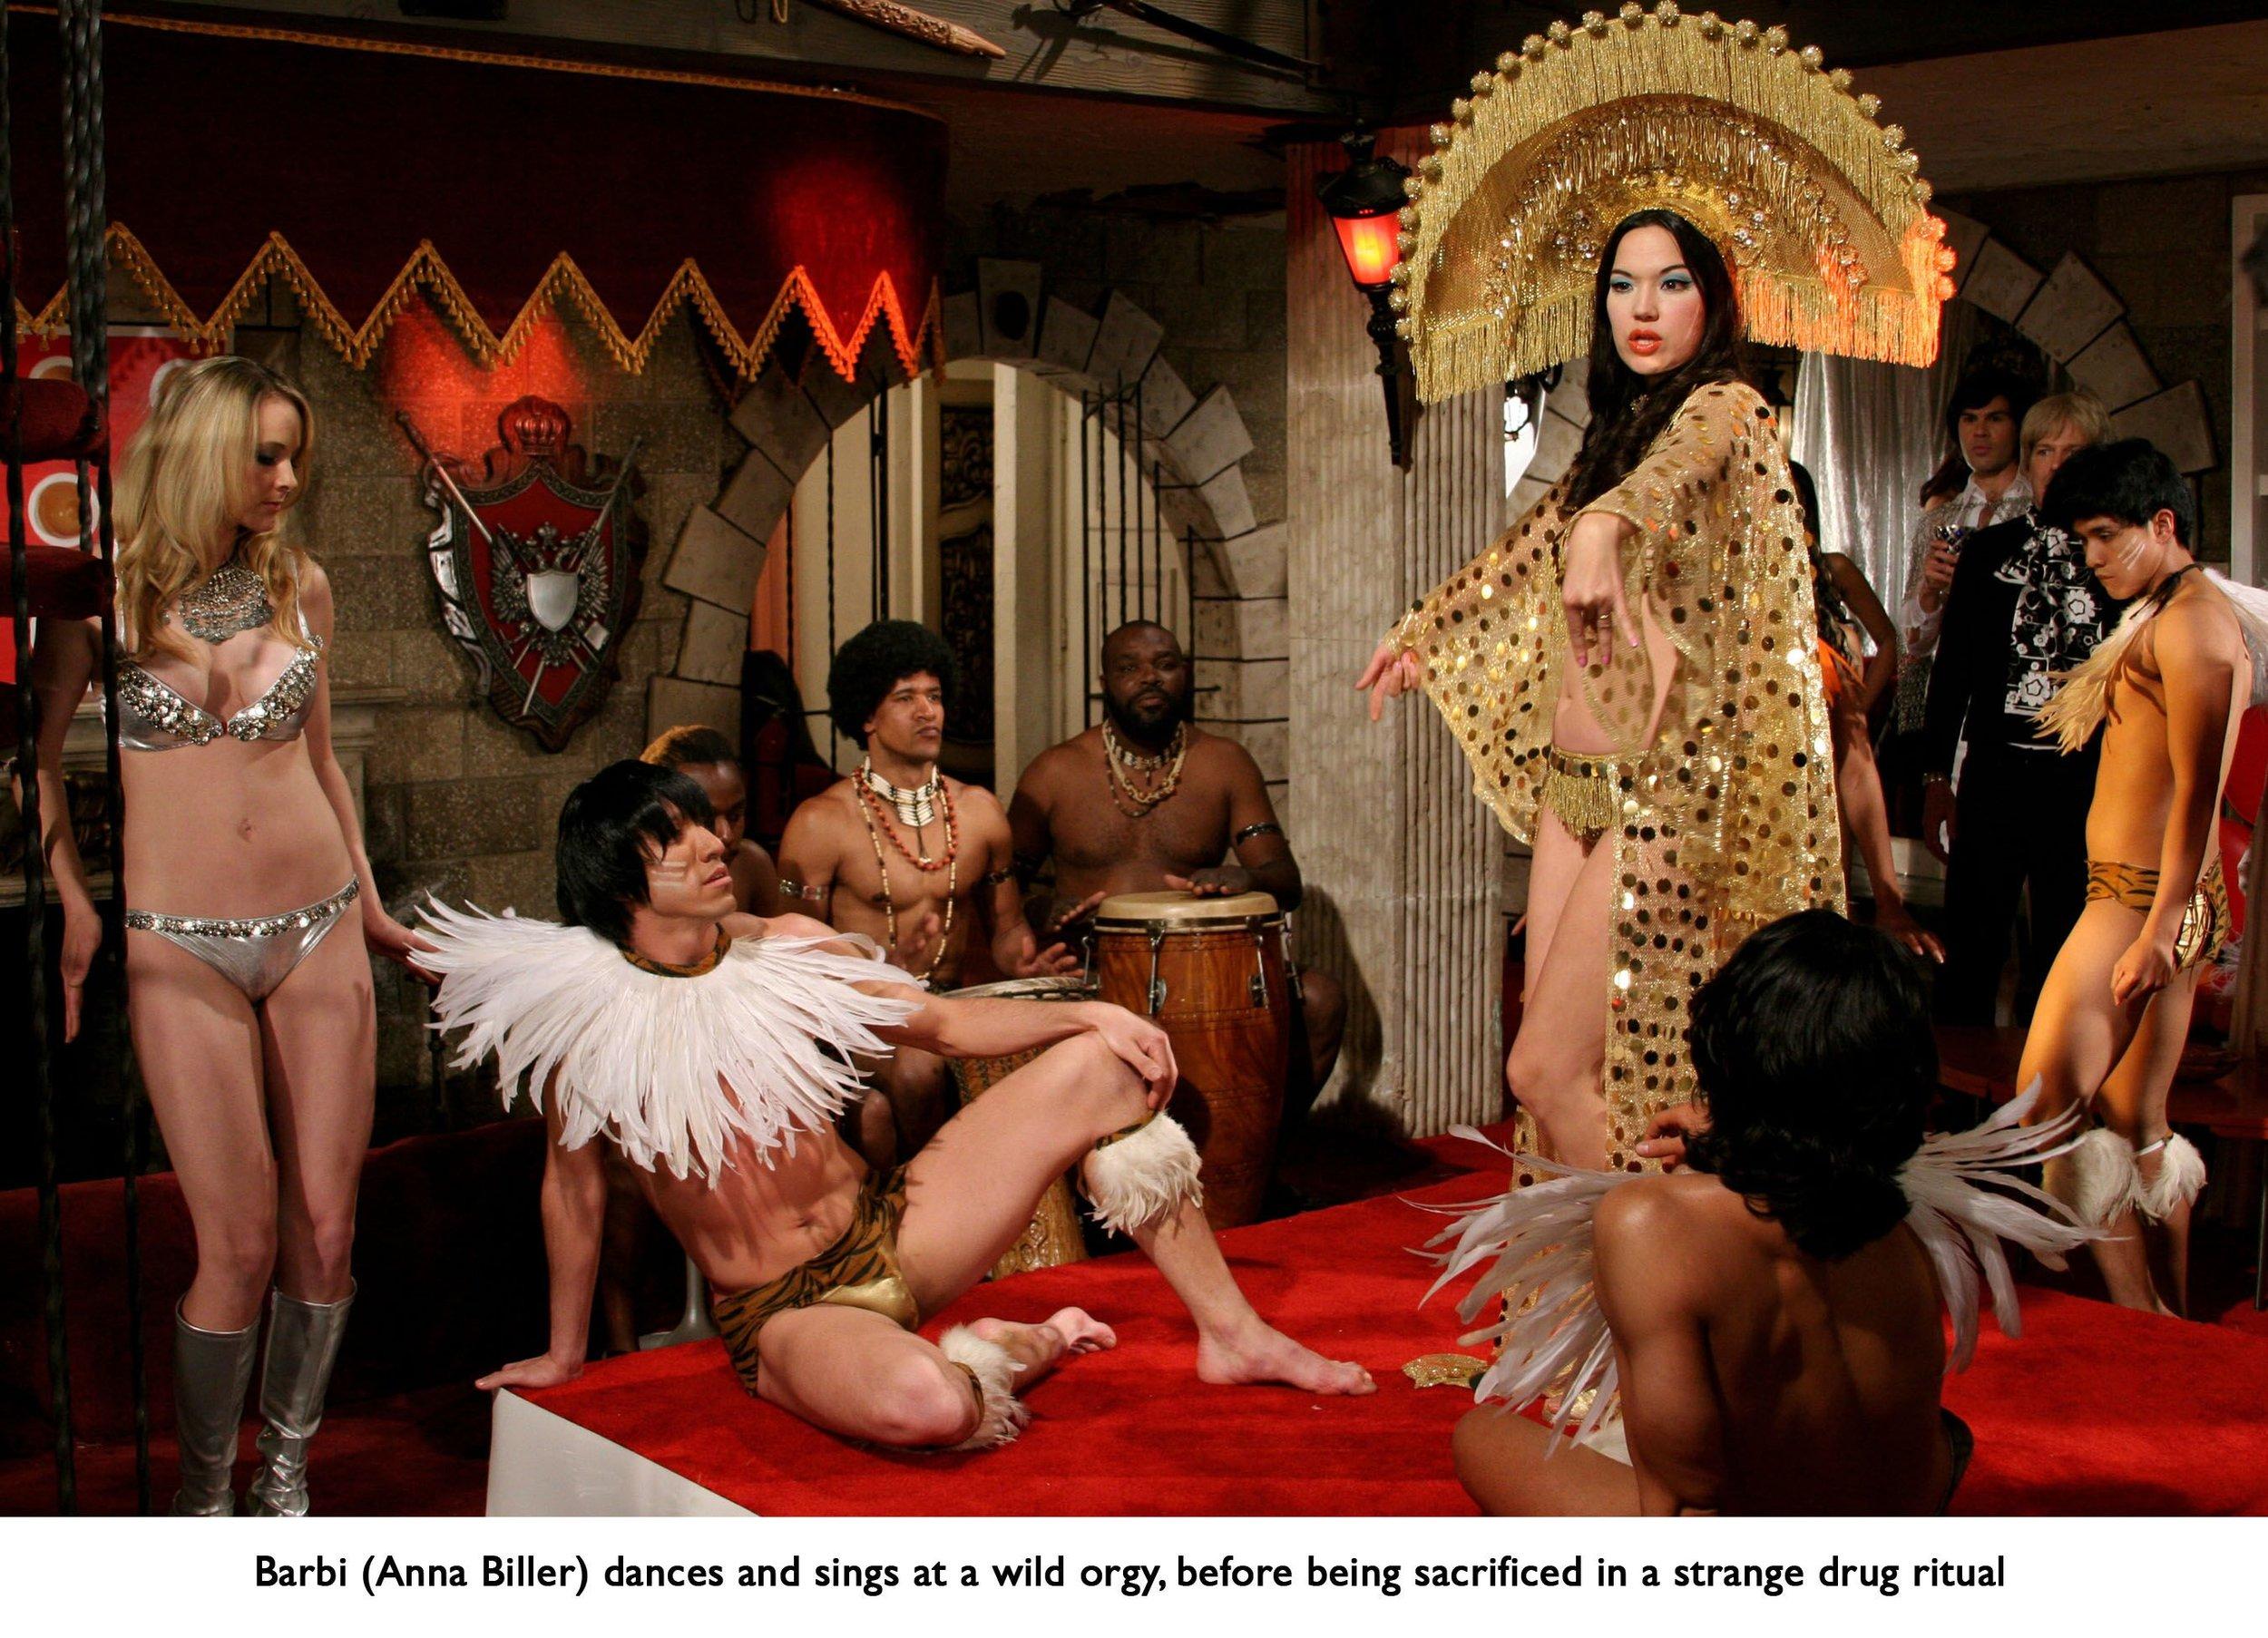 Ana Biller, Orgy scene from the film VIVA, 2007. Courtesy of Anna Biller Productions [Photo: Steve Dietl]